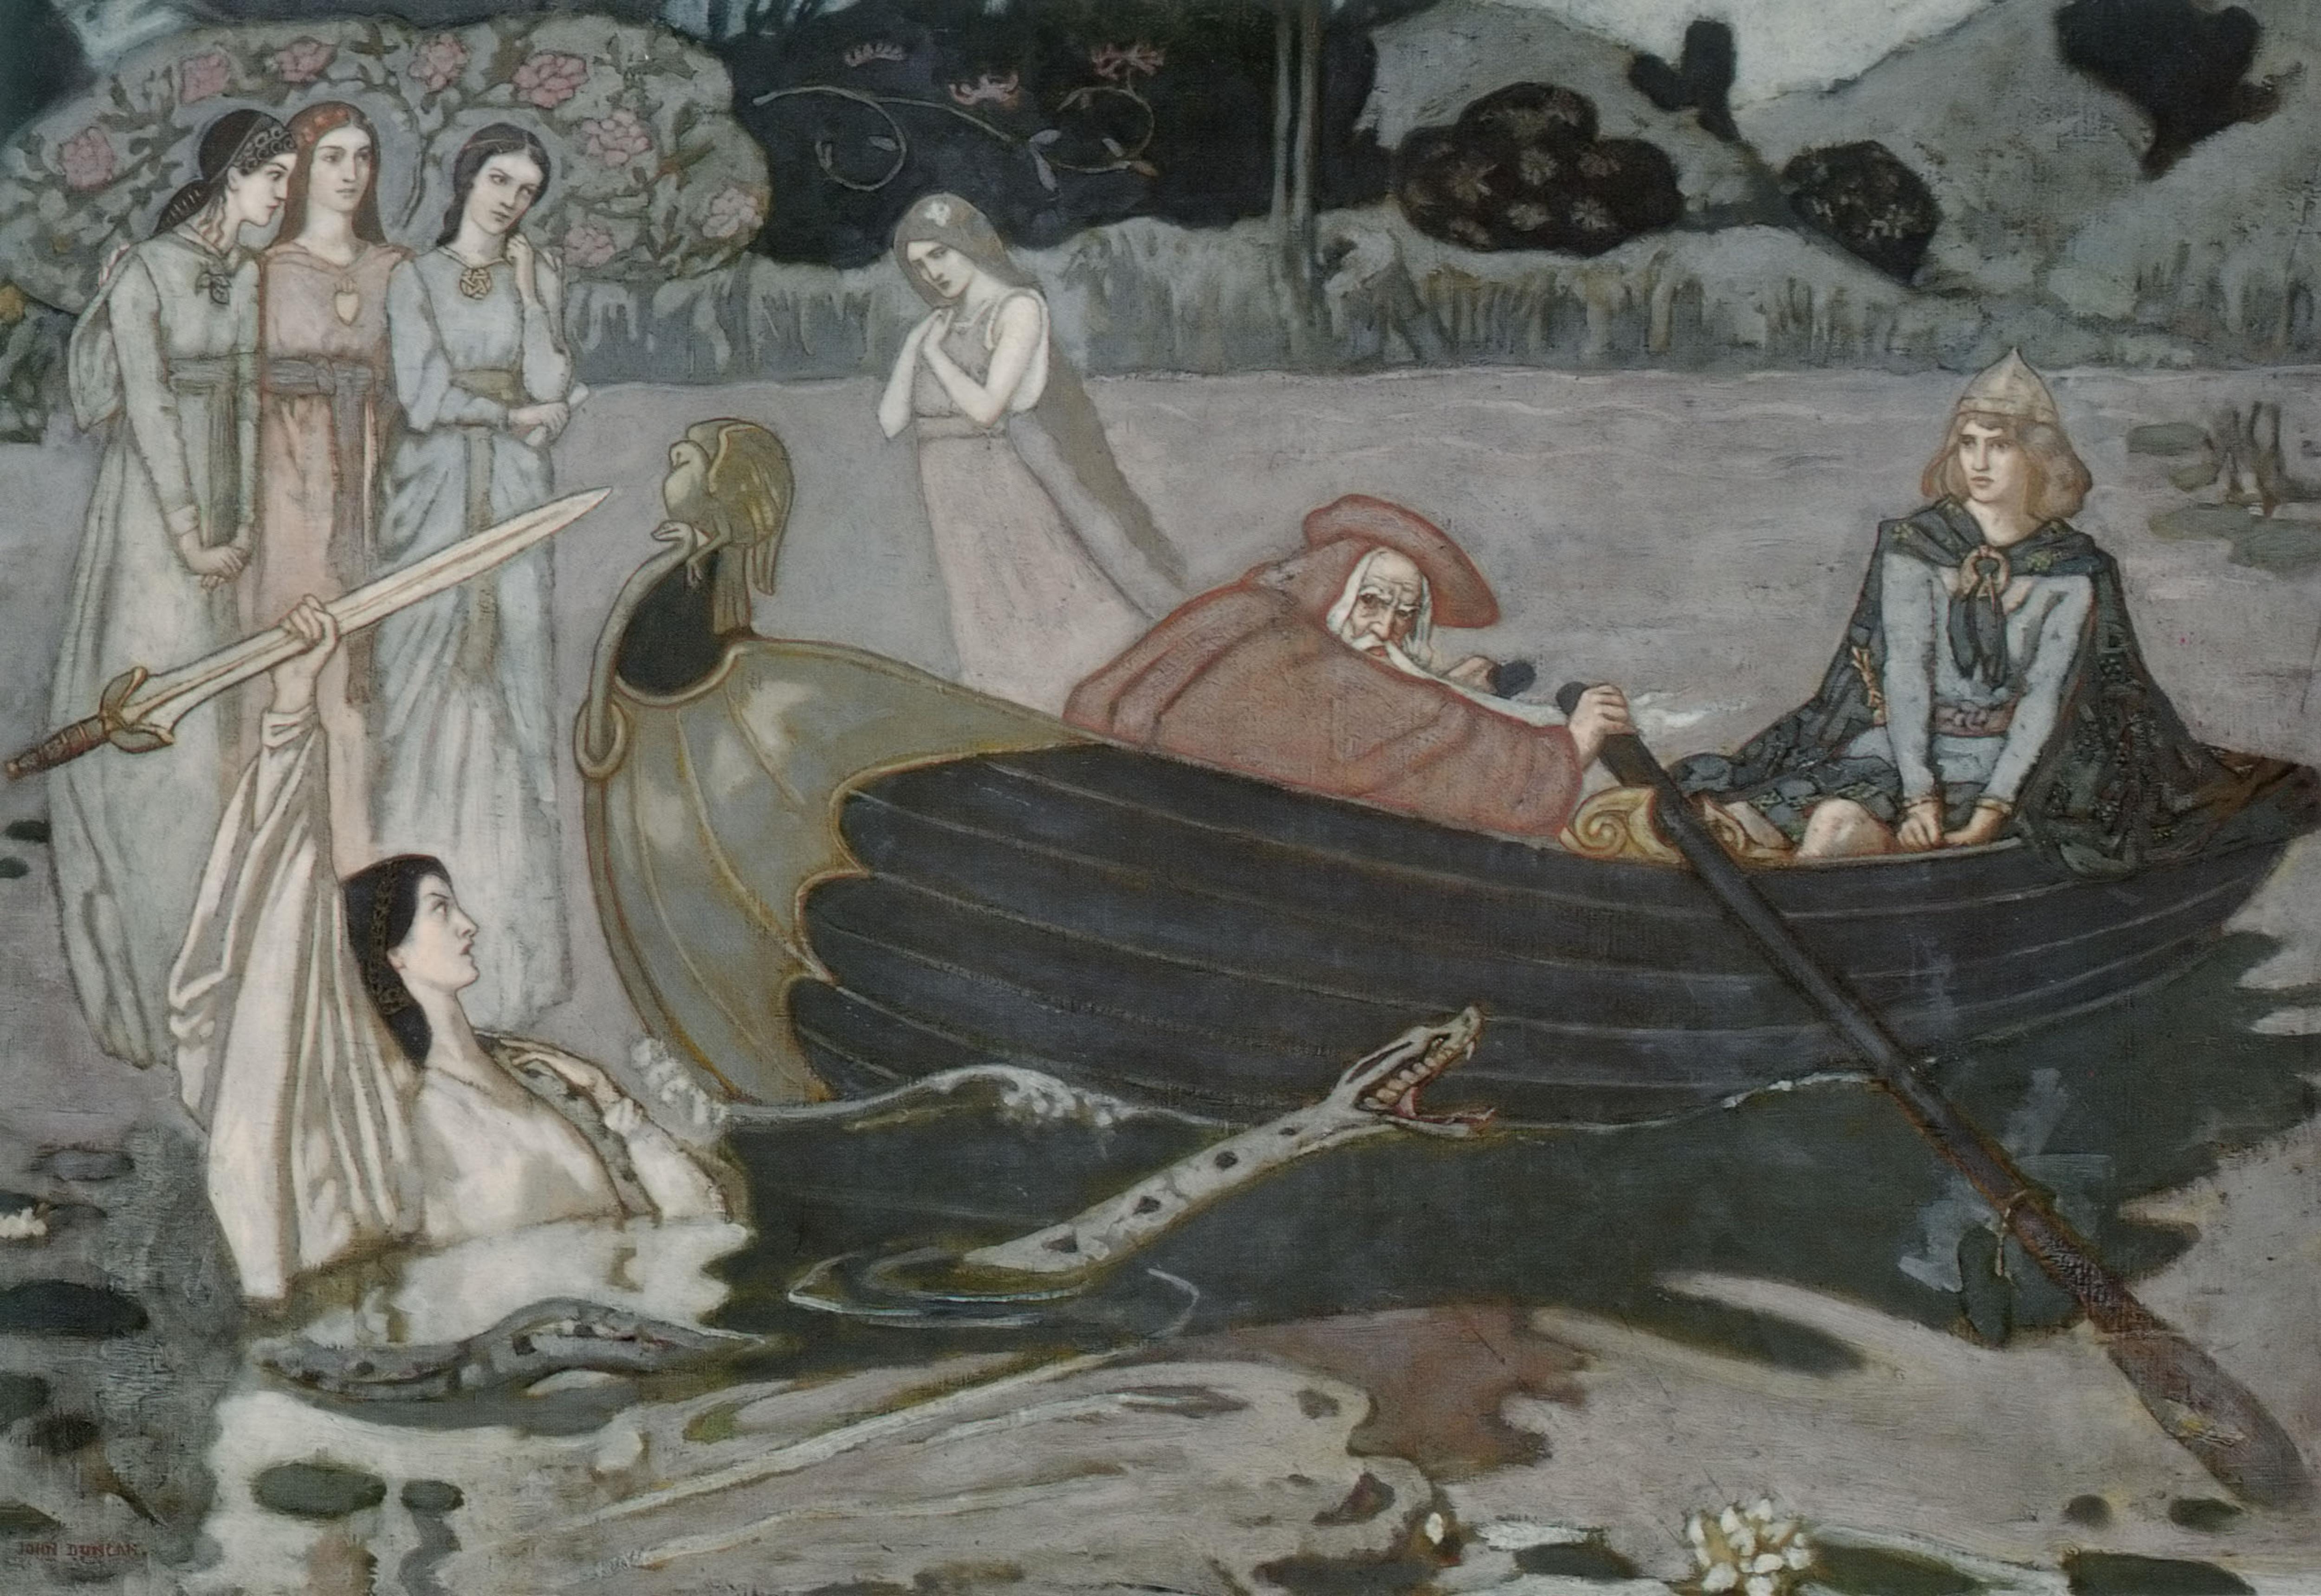 Le roi Arthur est sur le point de recevoir l'épée Excalibur. Merlin l'accompagne dans un bateau.